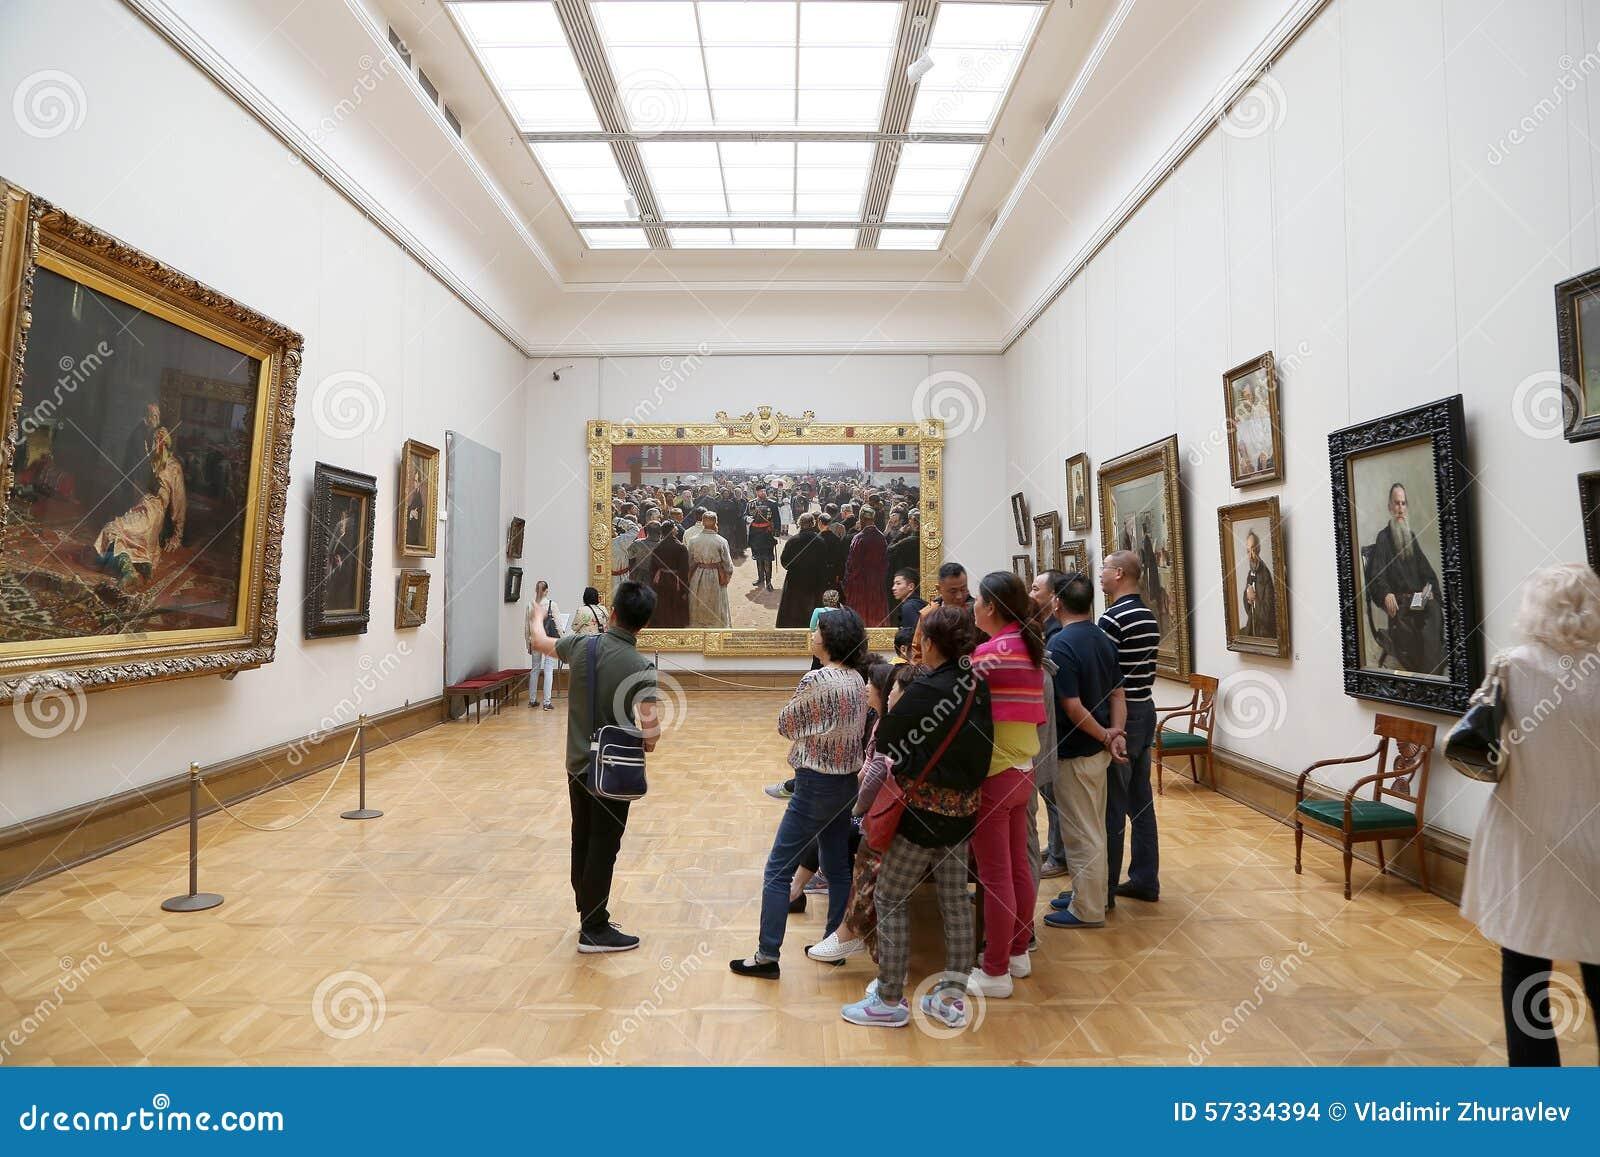 Galerie galerie russe ukraine galerie